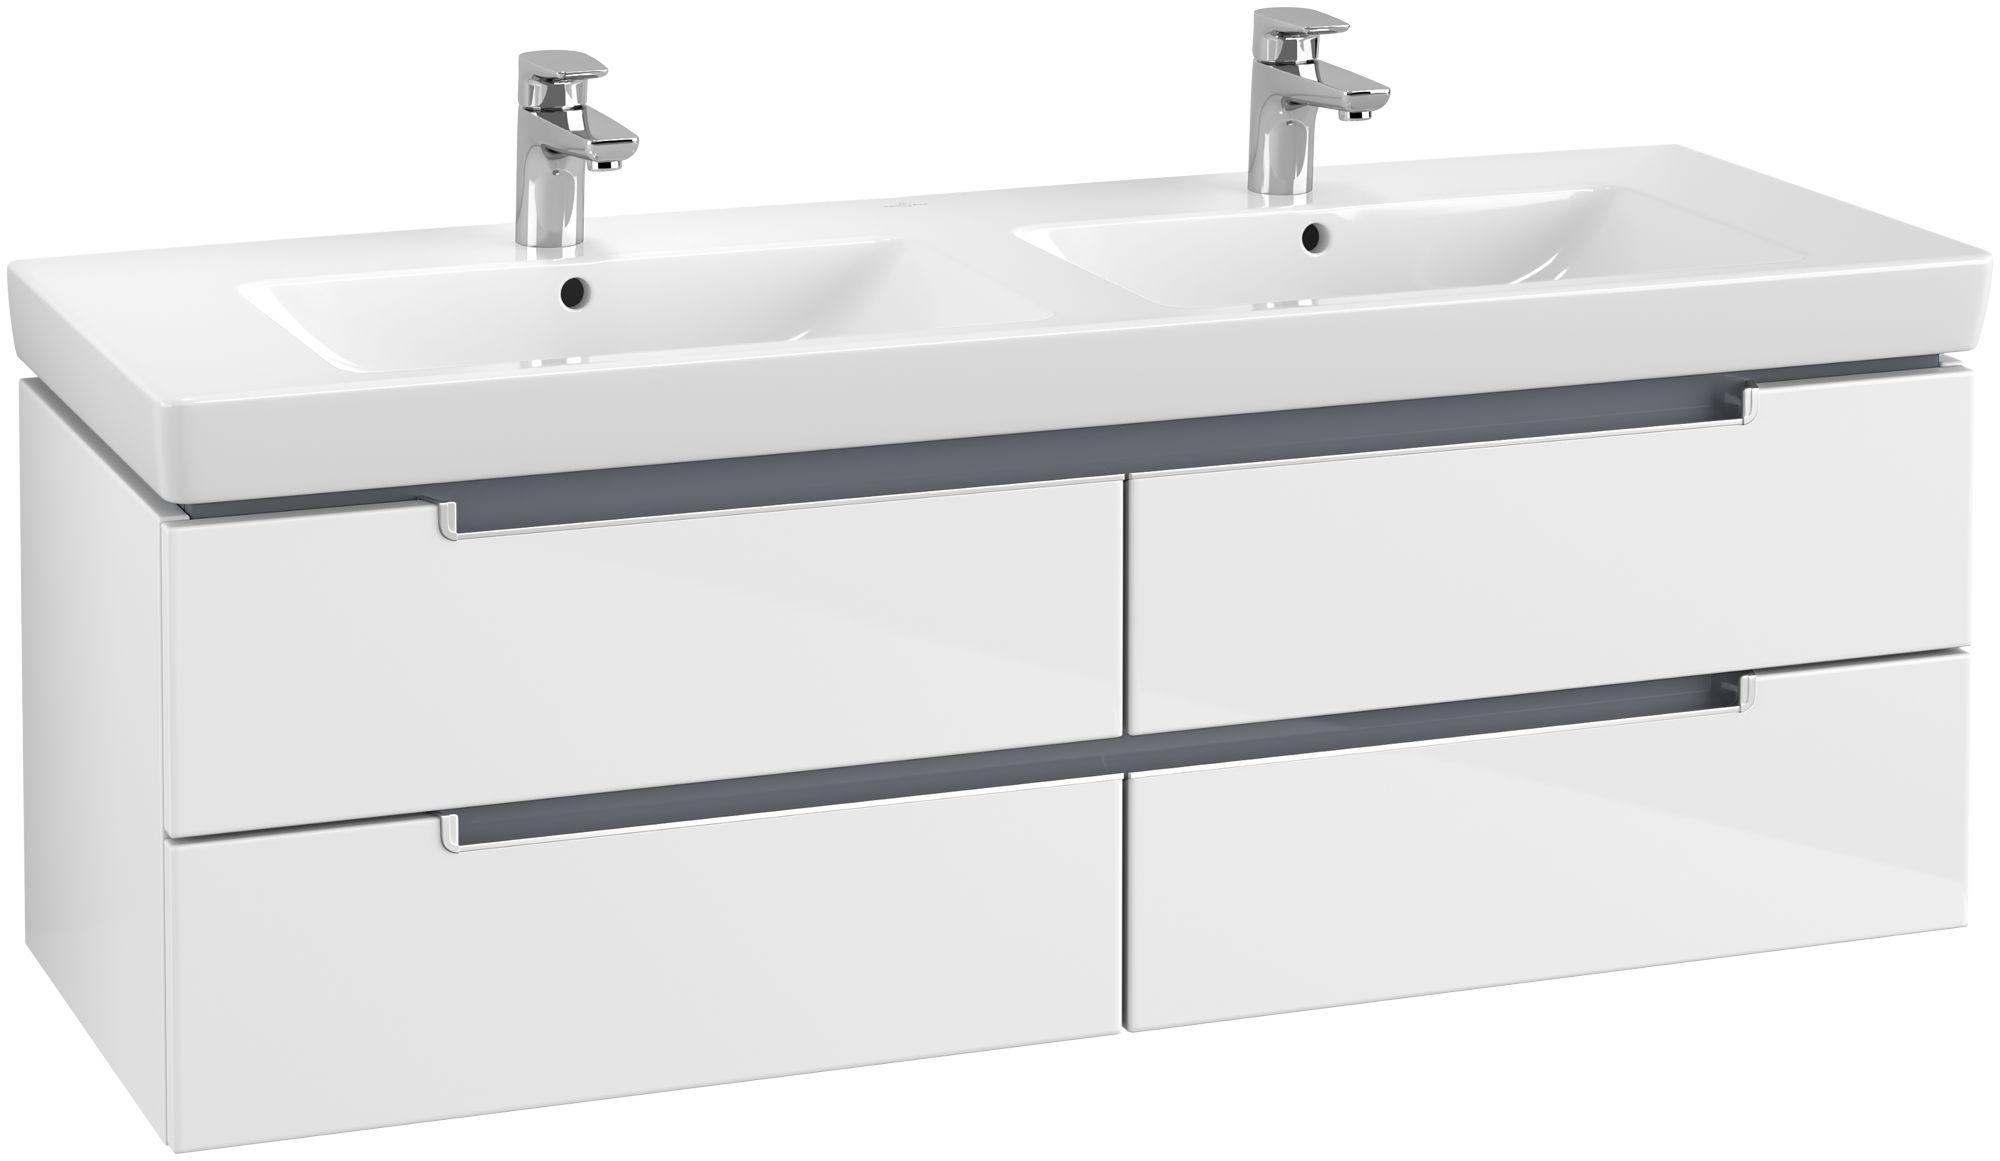 Villeroy & Boch Subway 2.0 Waschtischunterschrank 4 Auszüge B:1287xT:449xH:420mm glossy weiß Griffe silberfarbig matt A69200DH